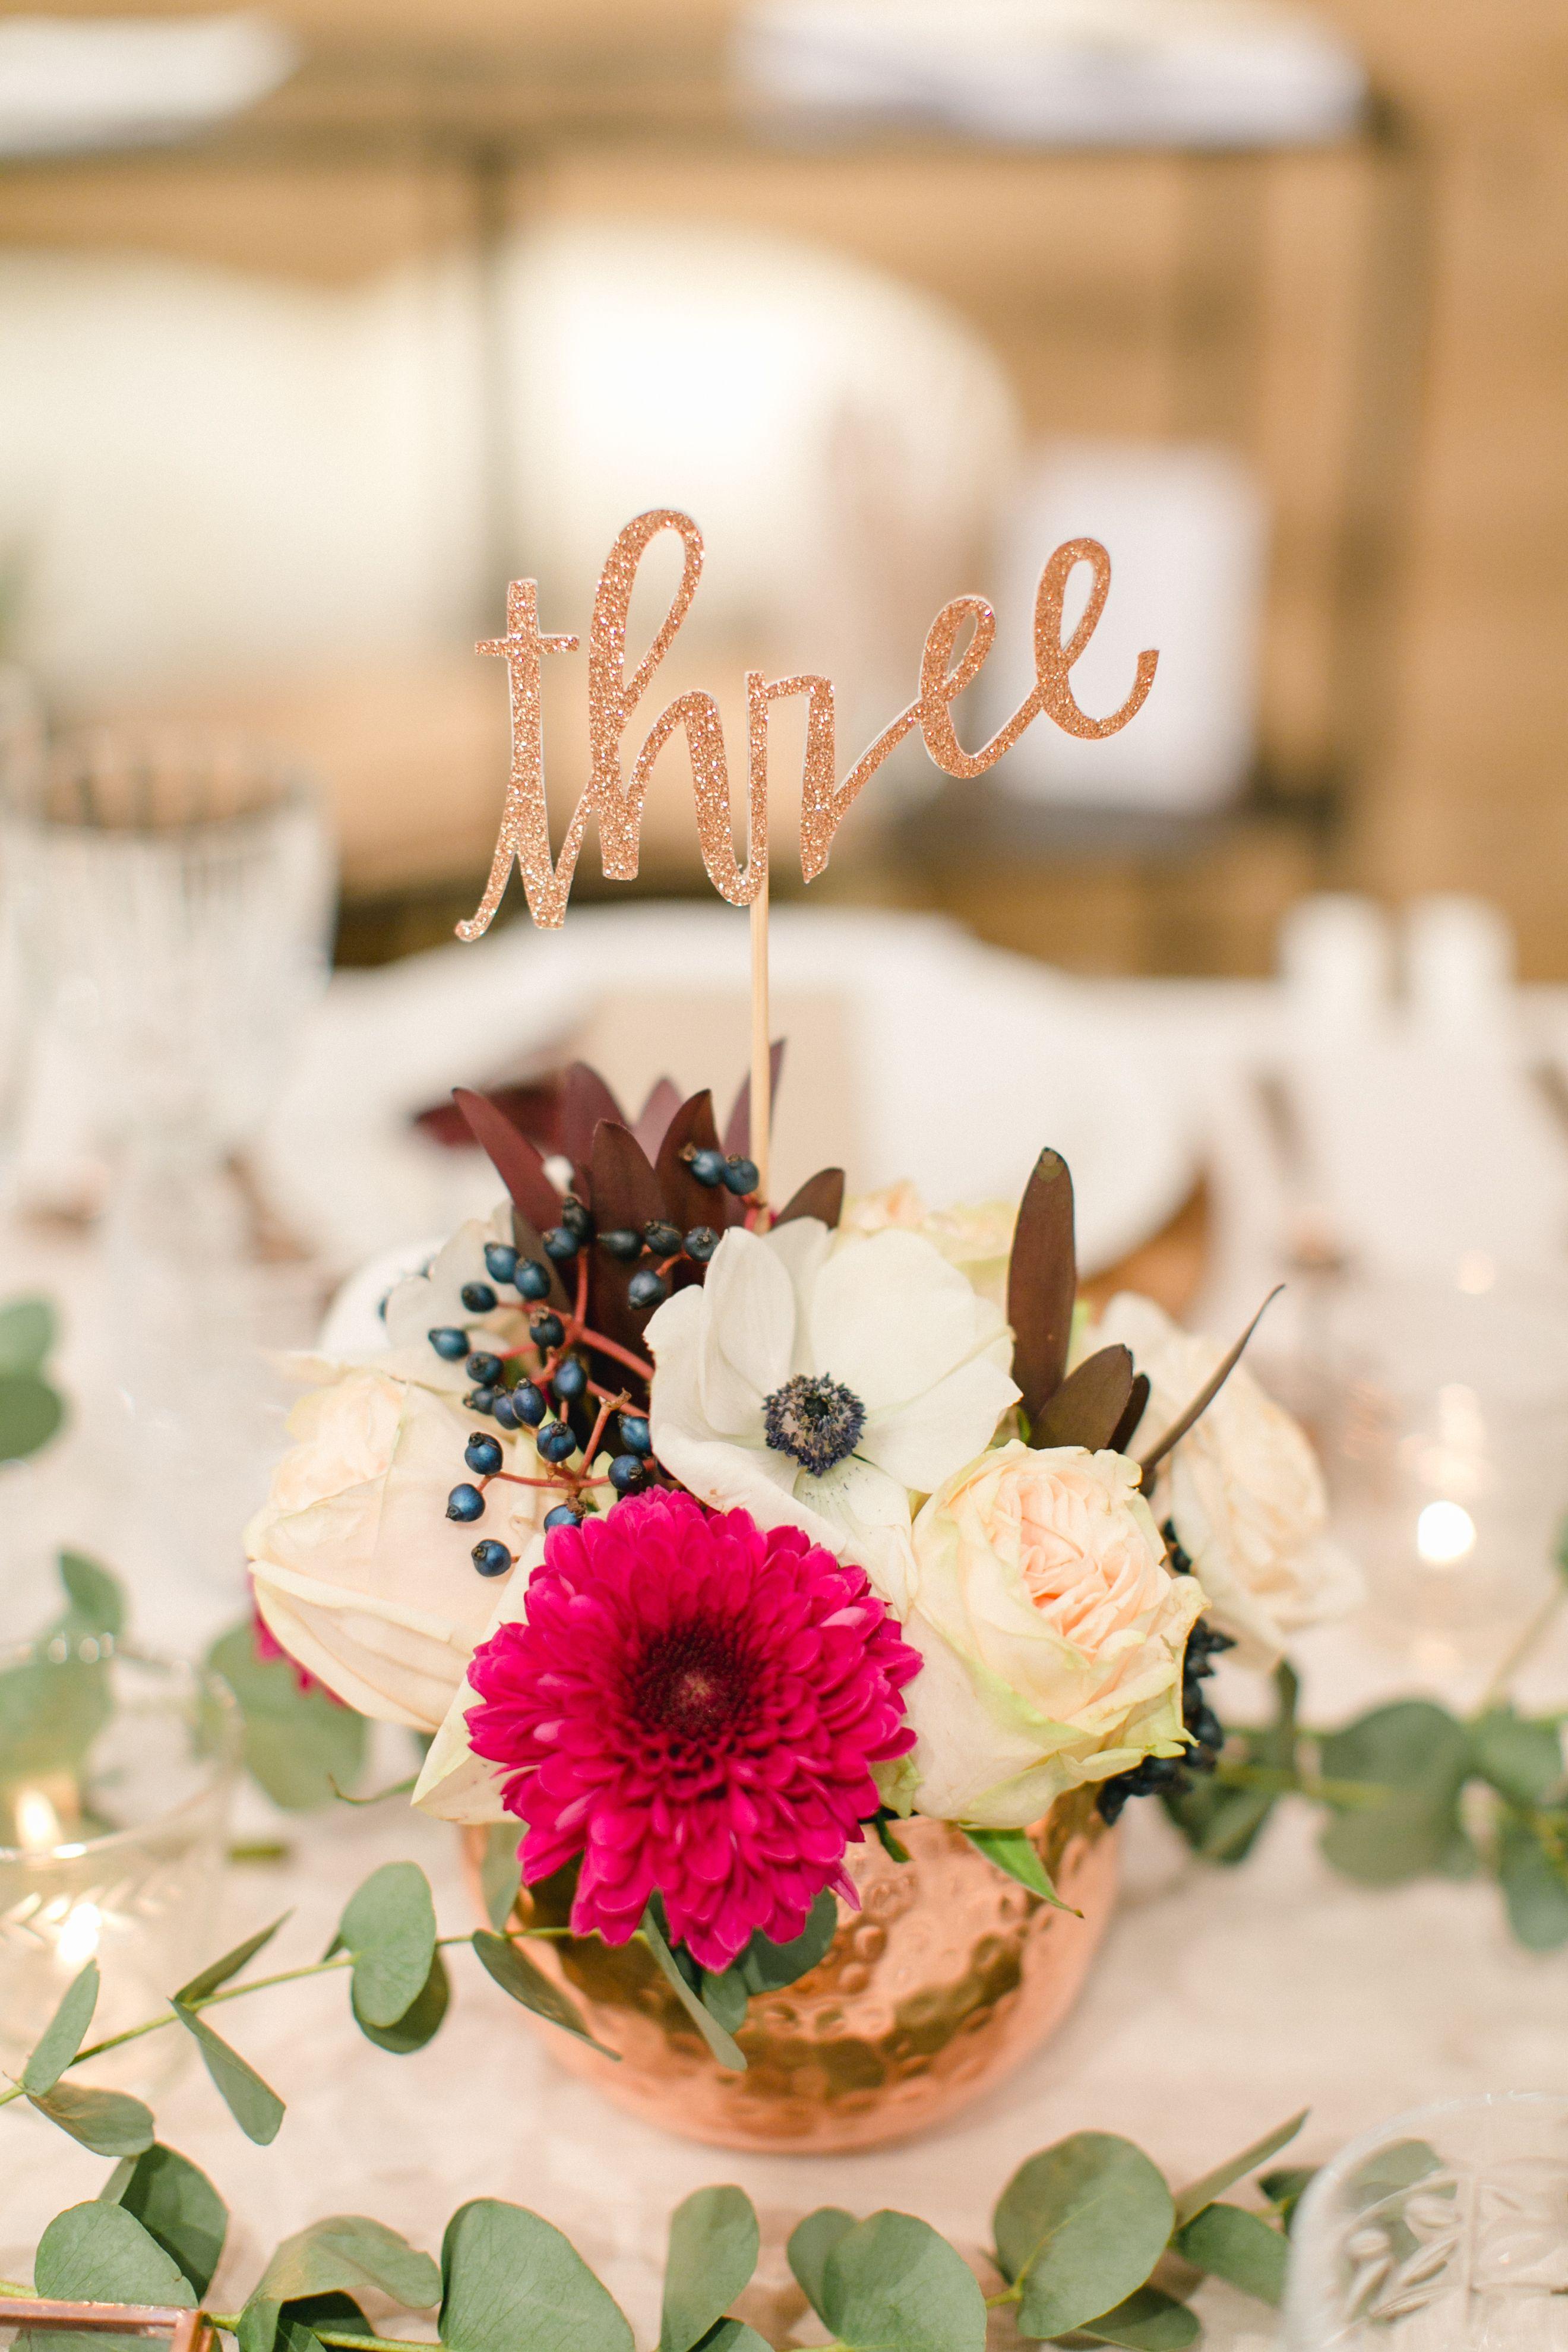 Dekoration Tischdeko Kupfer Rustikal Hochzeit Blumen